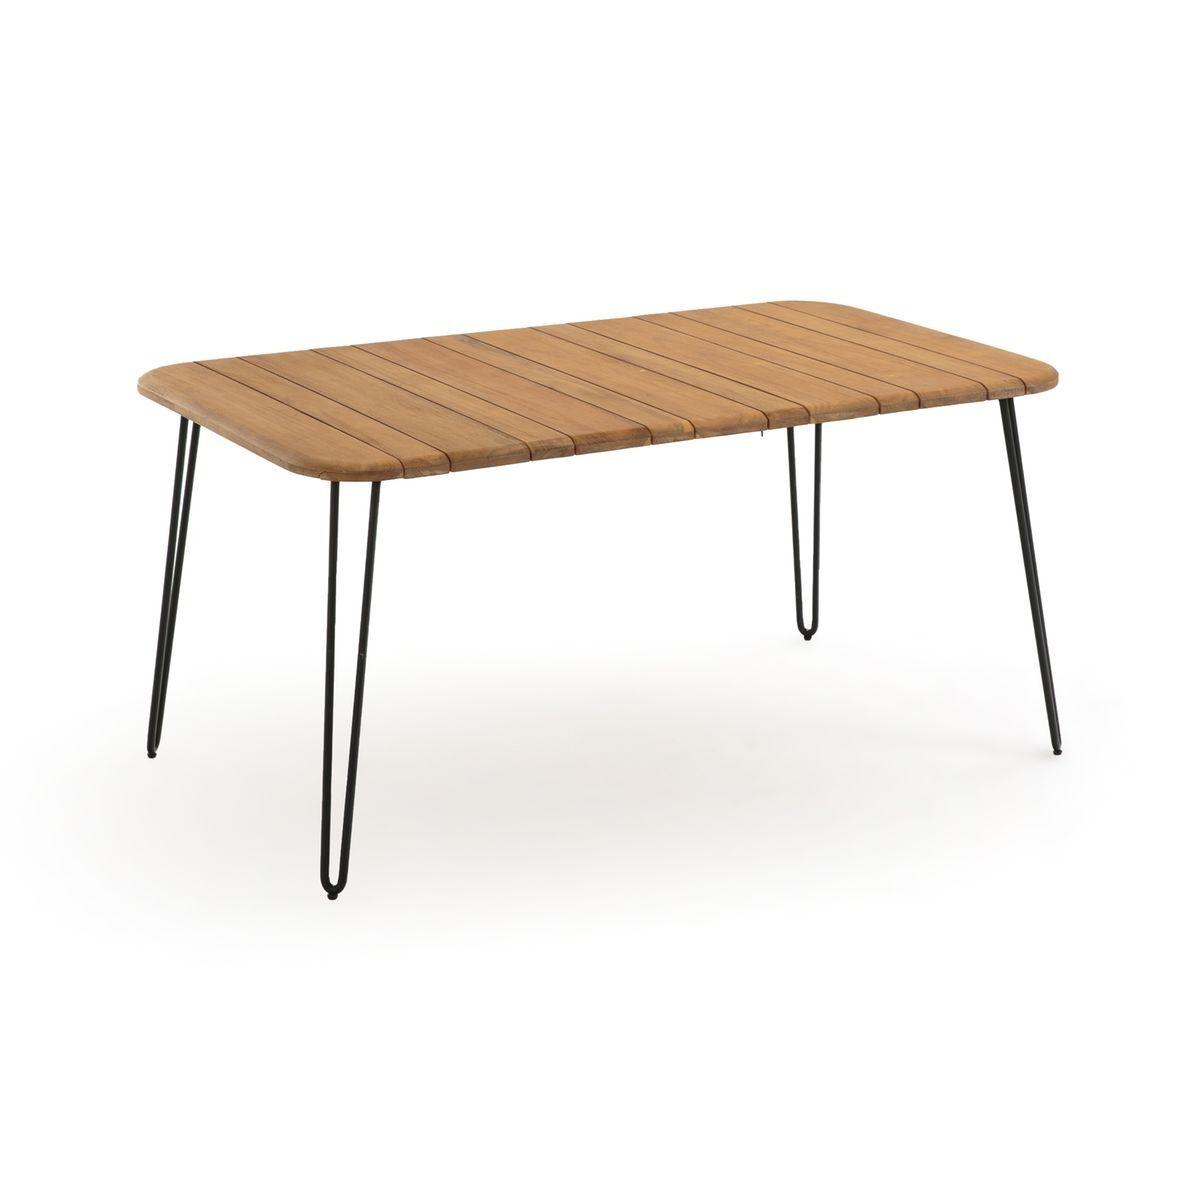 La Redoute Table pliante Spritz acacia 6 personnes - LA REDOUTE INTERIEURS